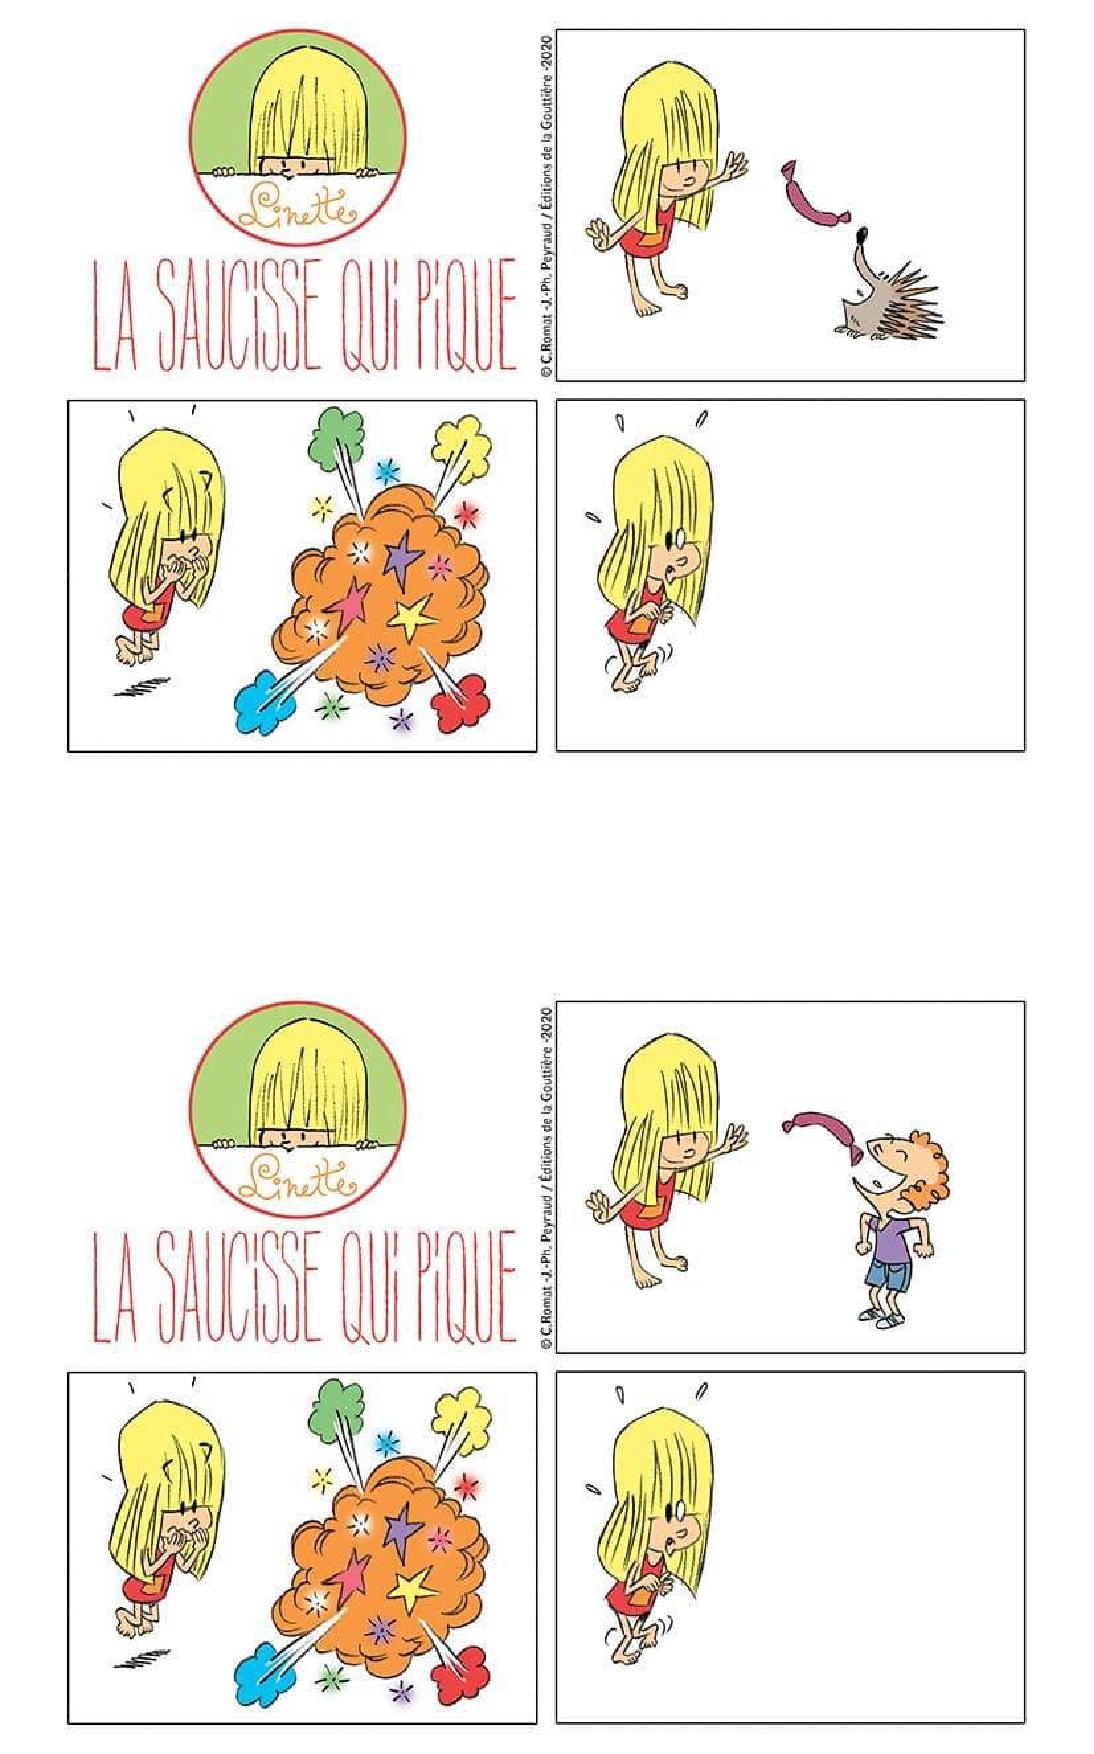 Jeu Linette saucisse dessin 2